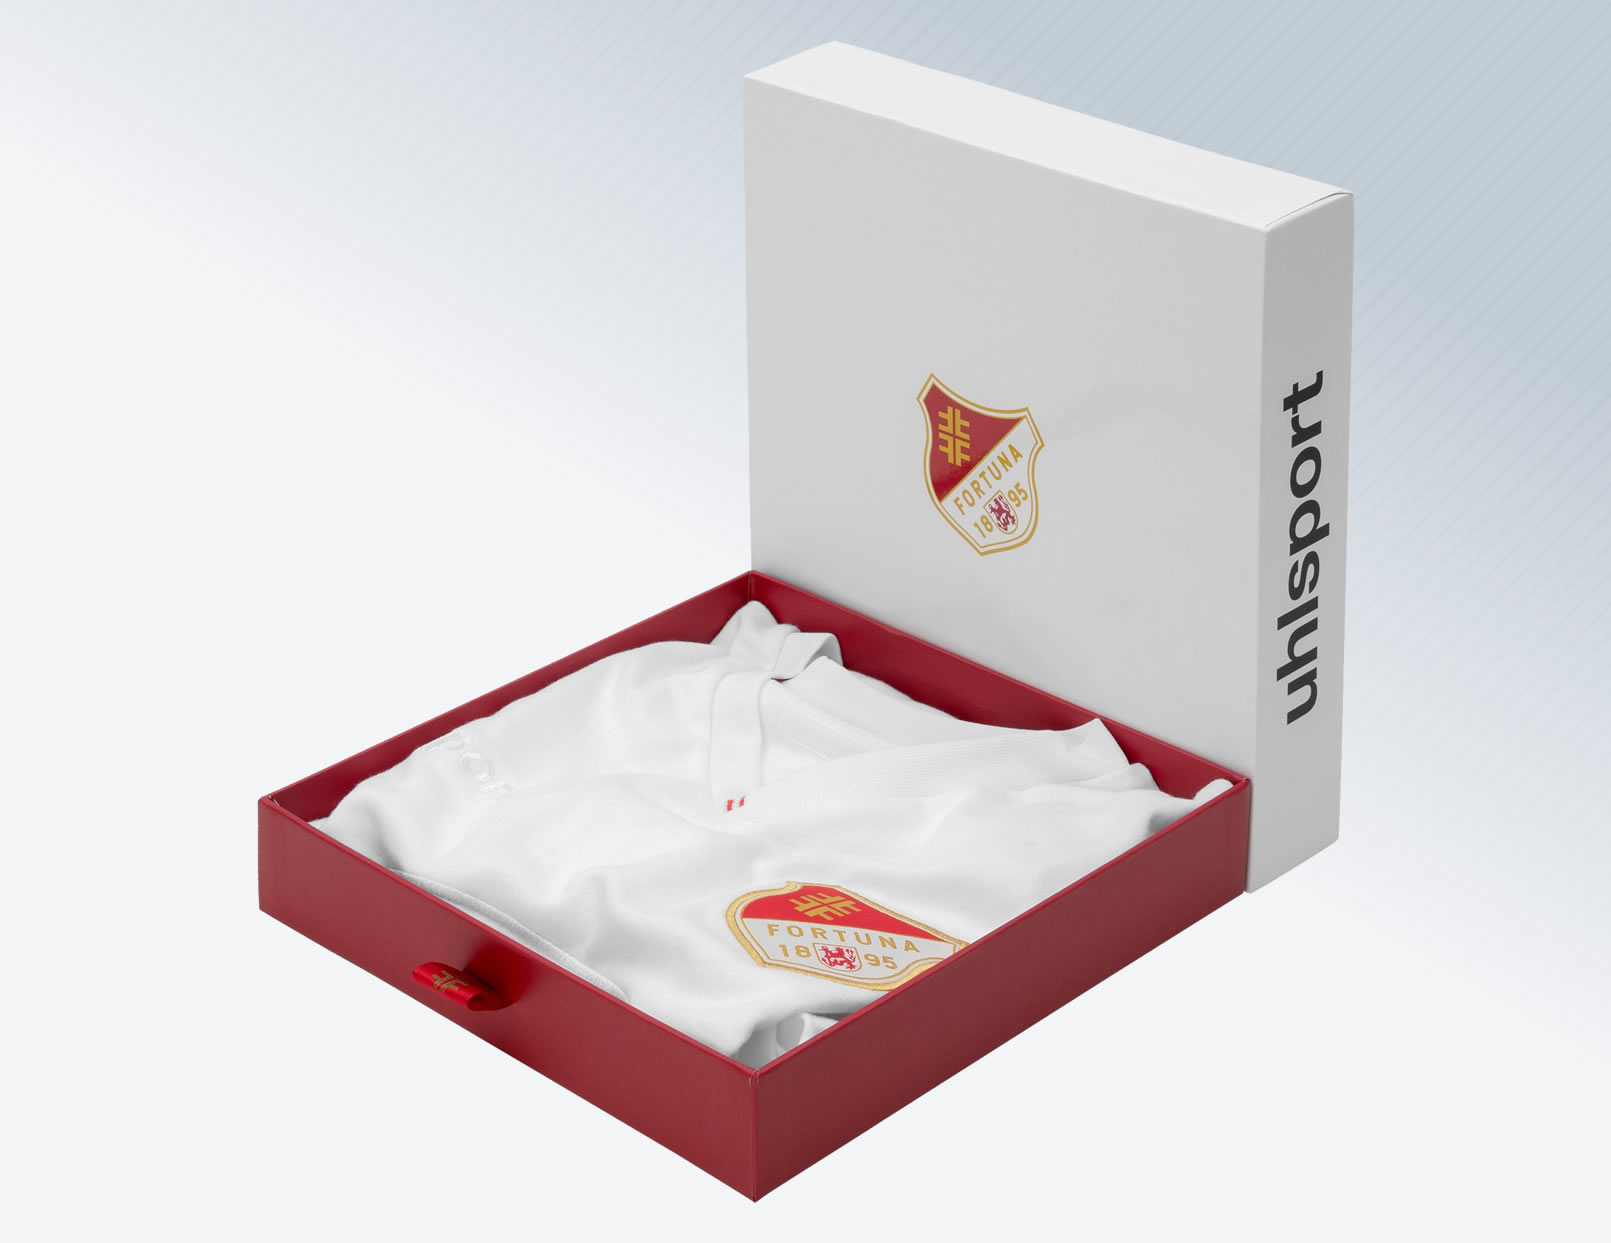 Packaging de la camiseta conmemorativa 125 años del Fortuna Düsseldorf | Imagen Web Oficial